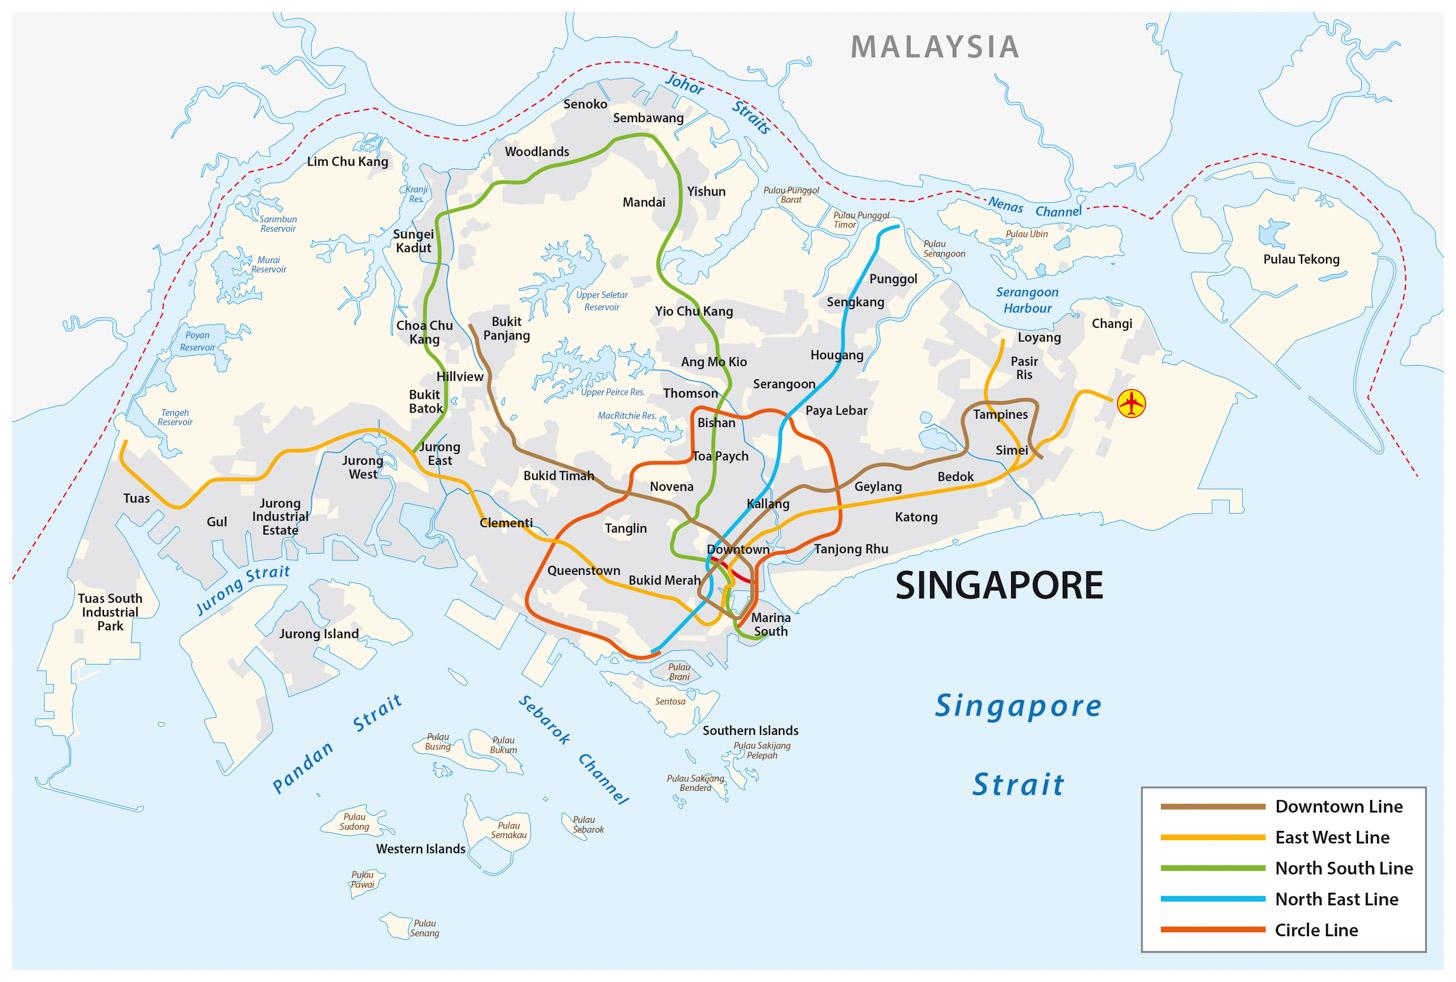 Het MRT netwerk in Singapore